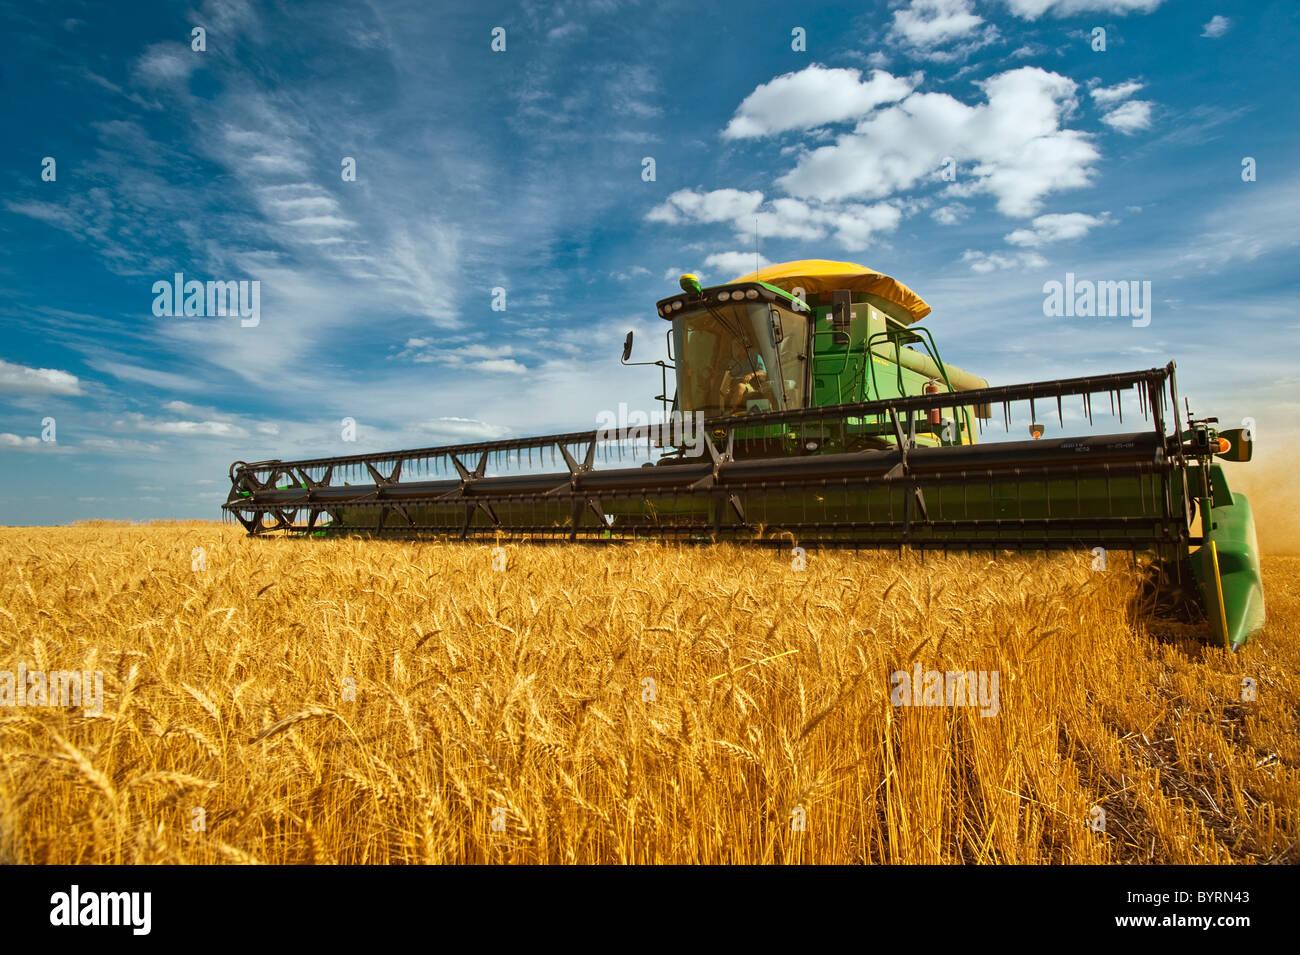 Agricultura - una cosechadora John Deere las cosechas de trigo de invierno maduro en la tarde de luz / cerca de Kane, Manitoba, Canadá. Foto de stock